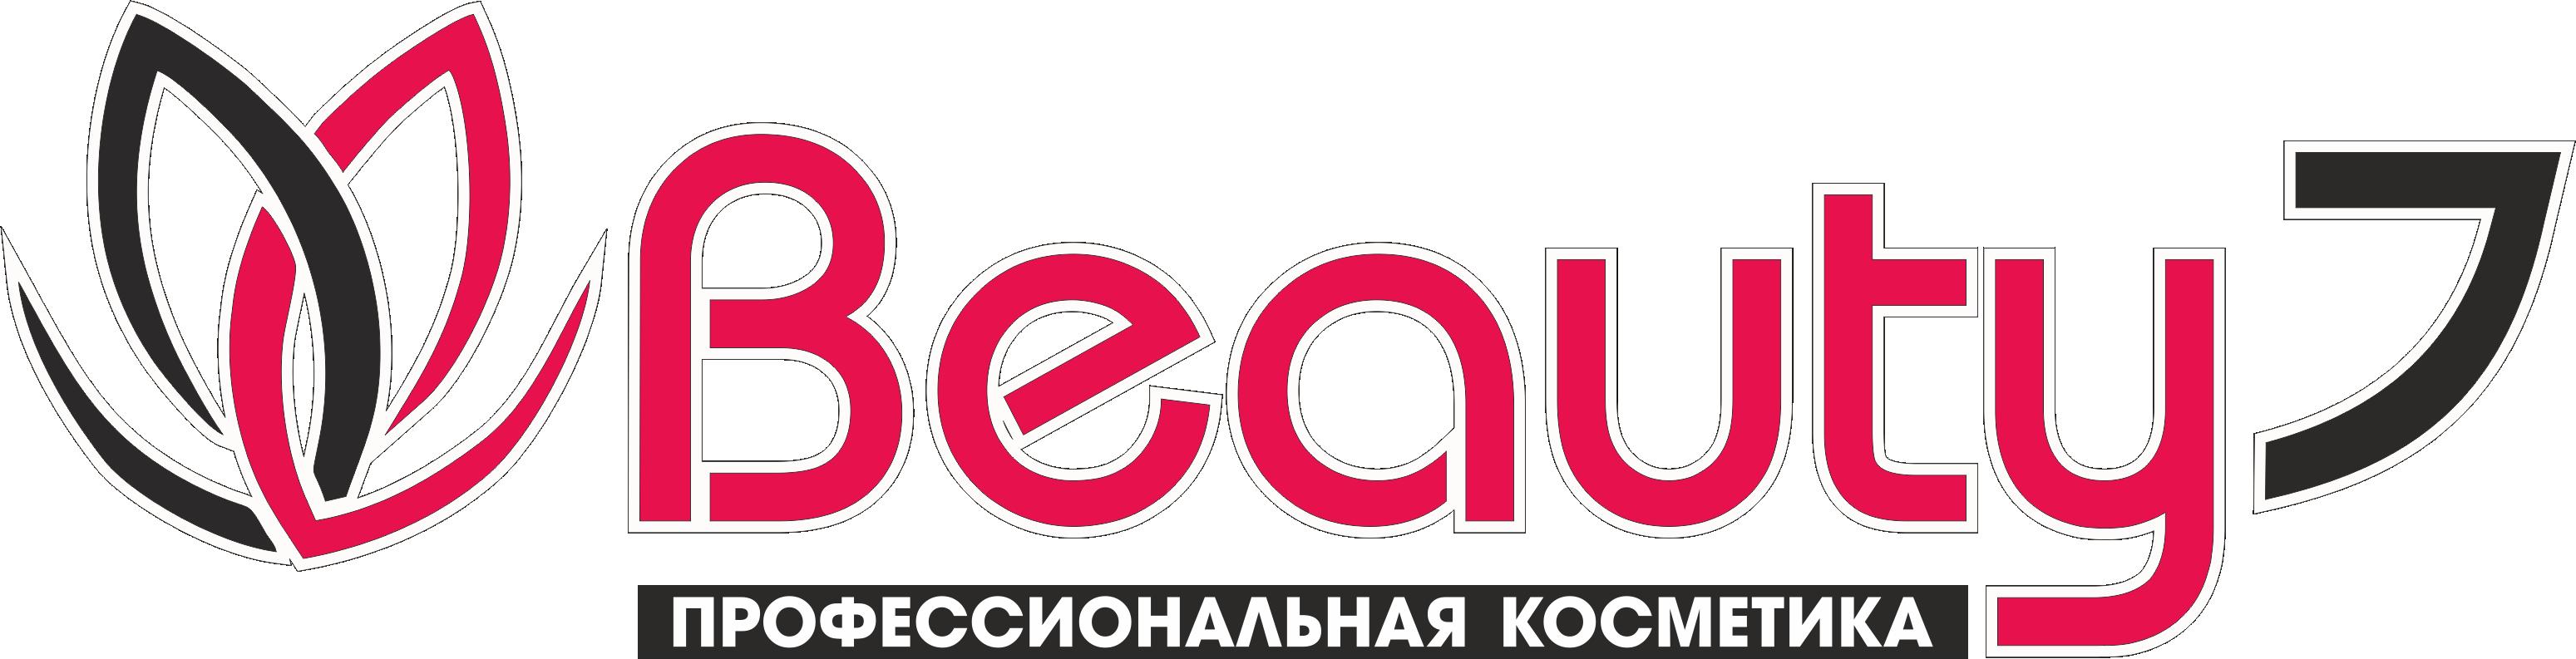 Купить профессиональную косметику для волос в Москве. Beauty7